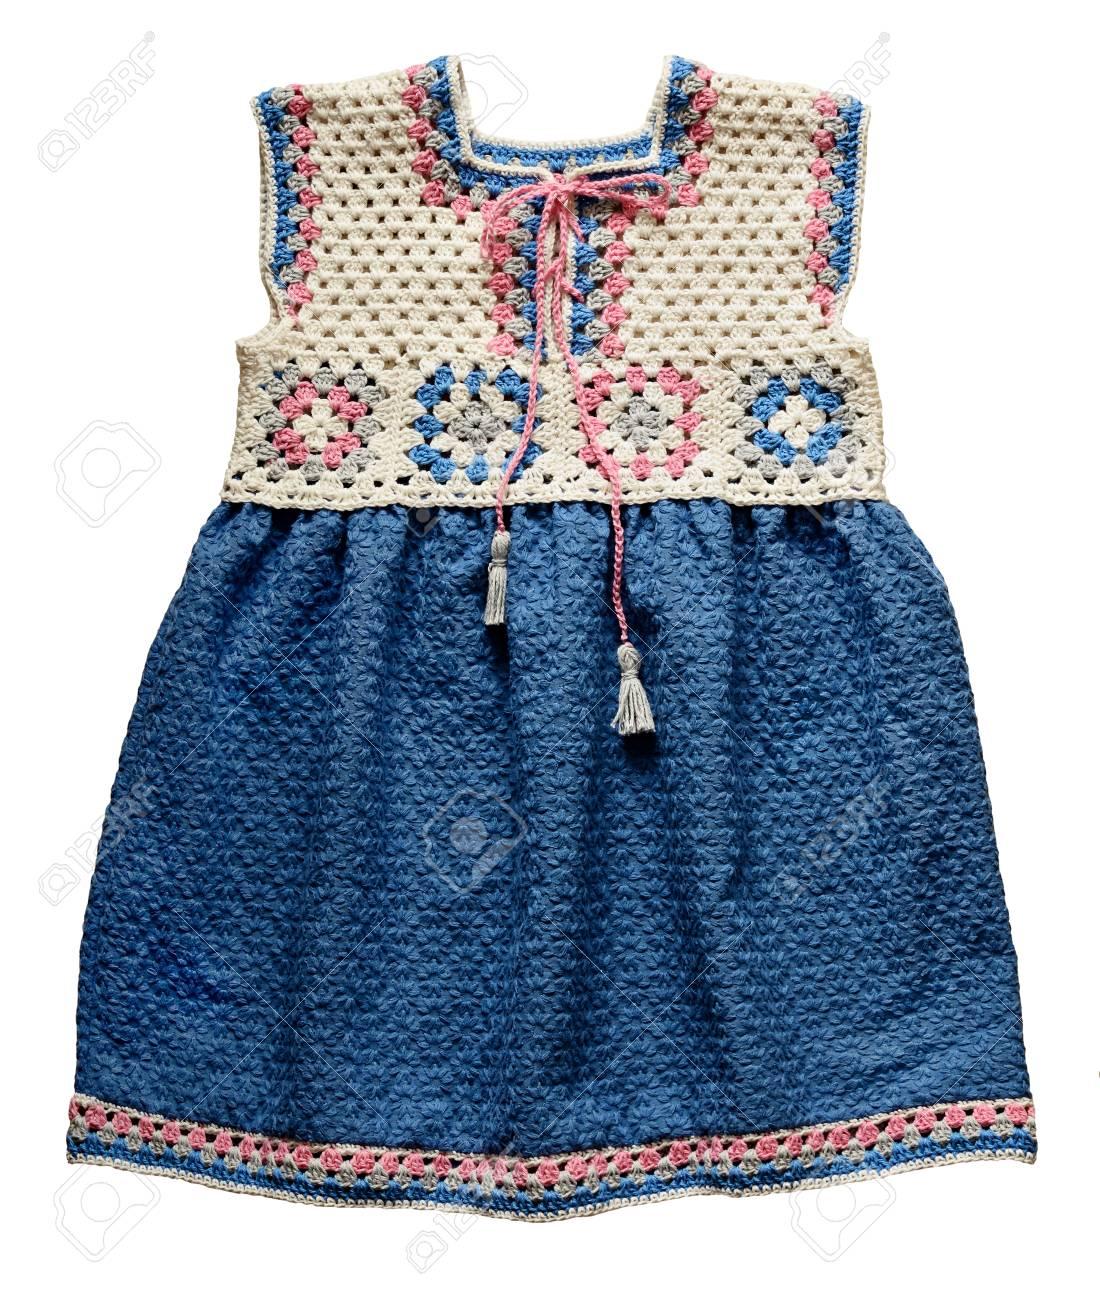 Robe Bébé En Crochet Avec Des Carrés De Grand Mère Et Un Tissu Brodé Bleu